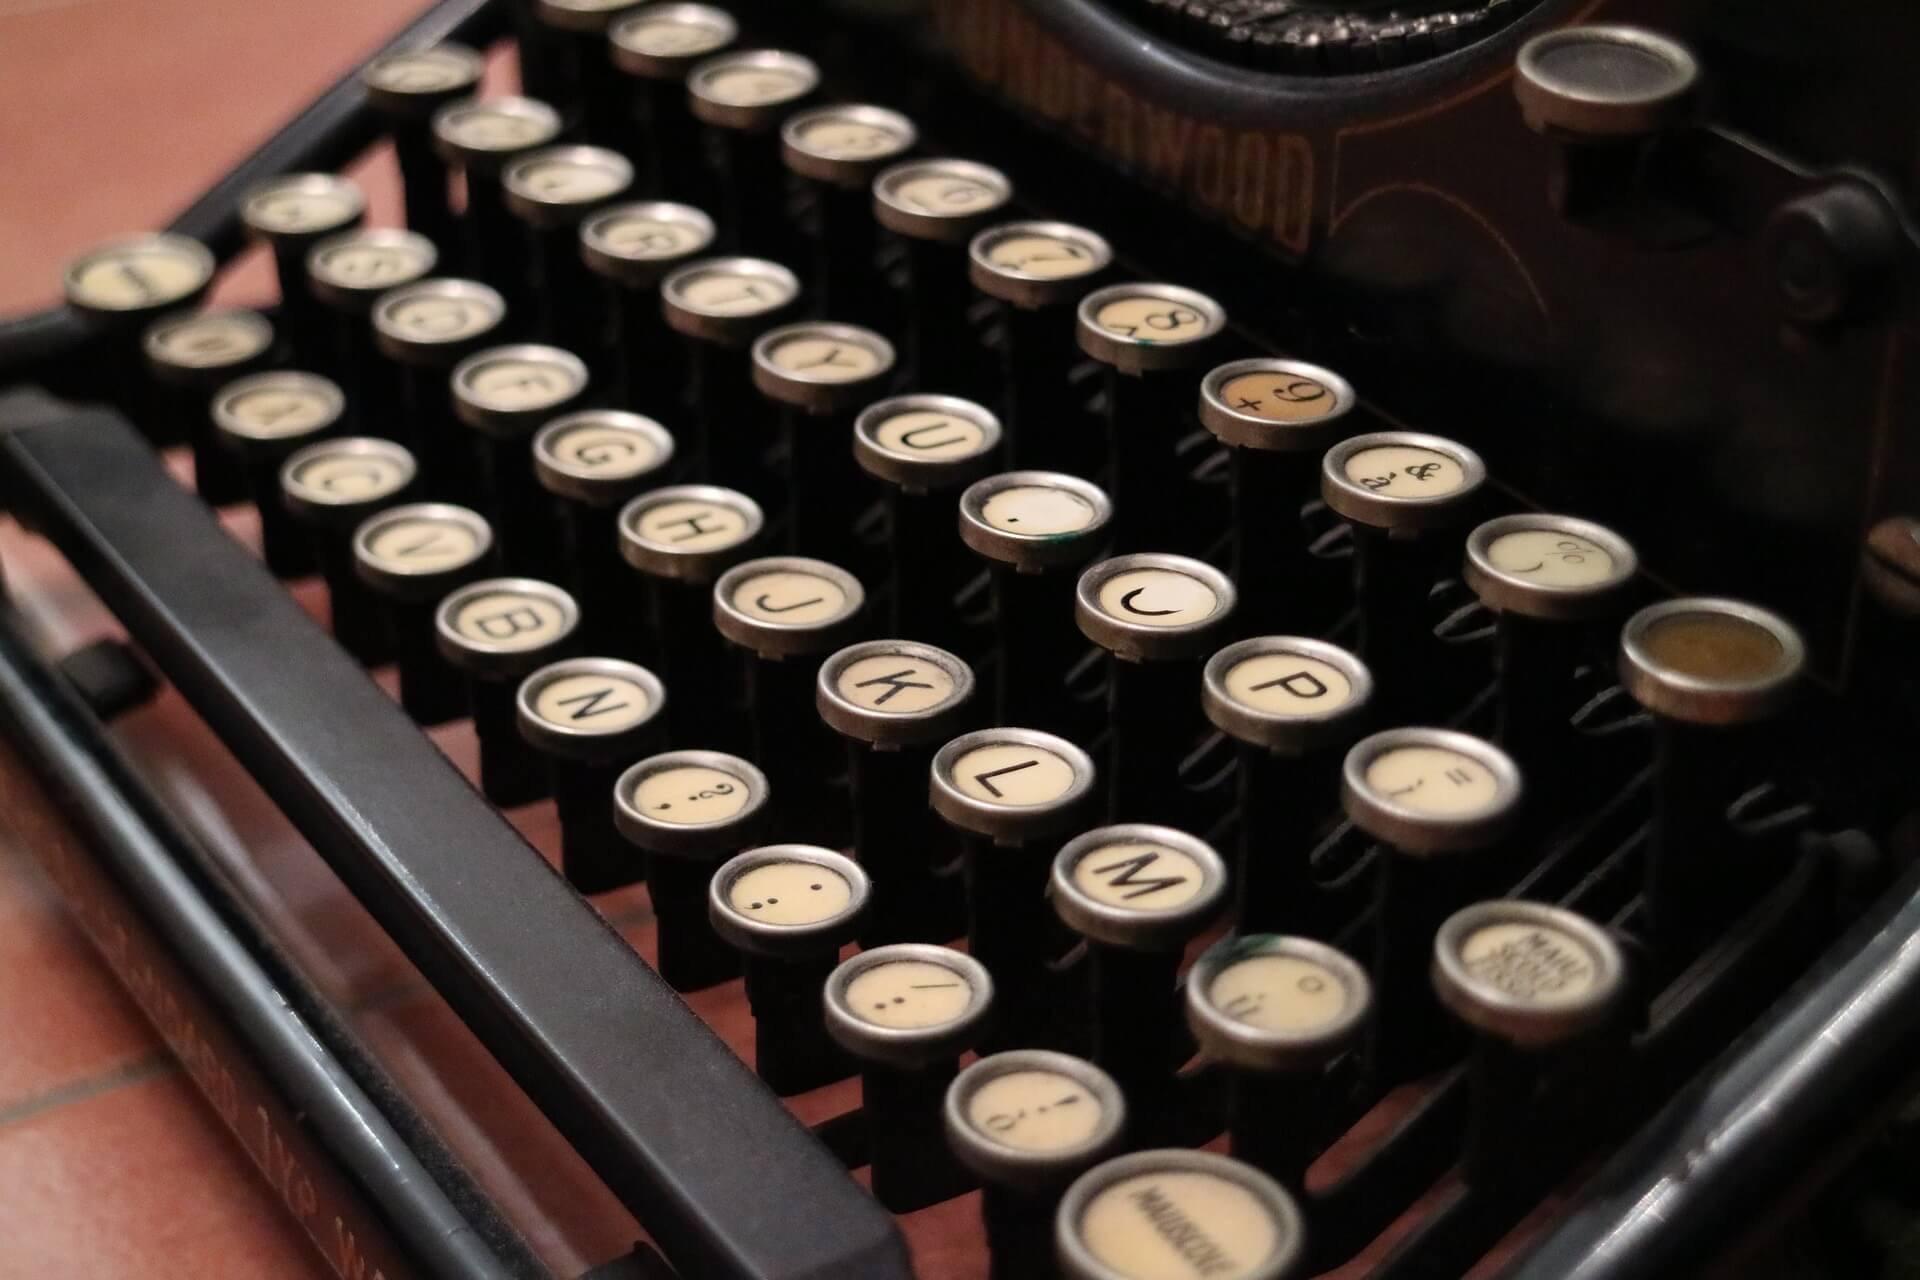 Closeup of keys of an old typewriter